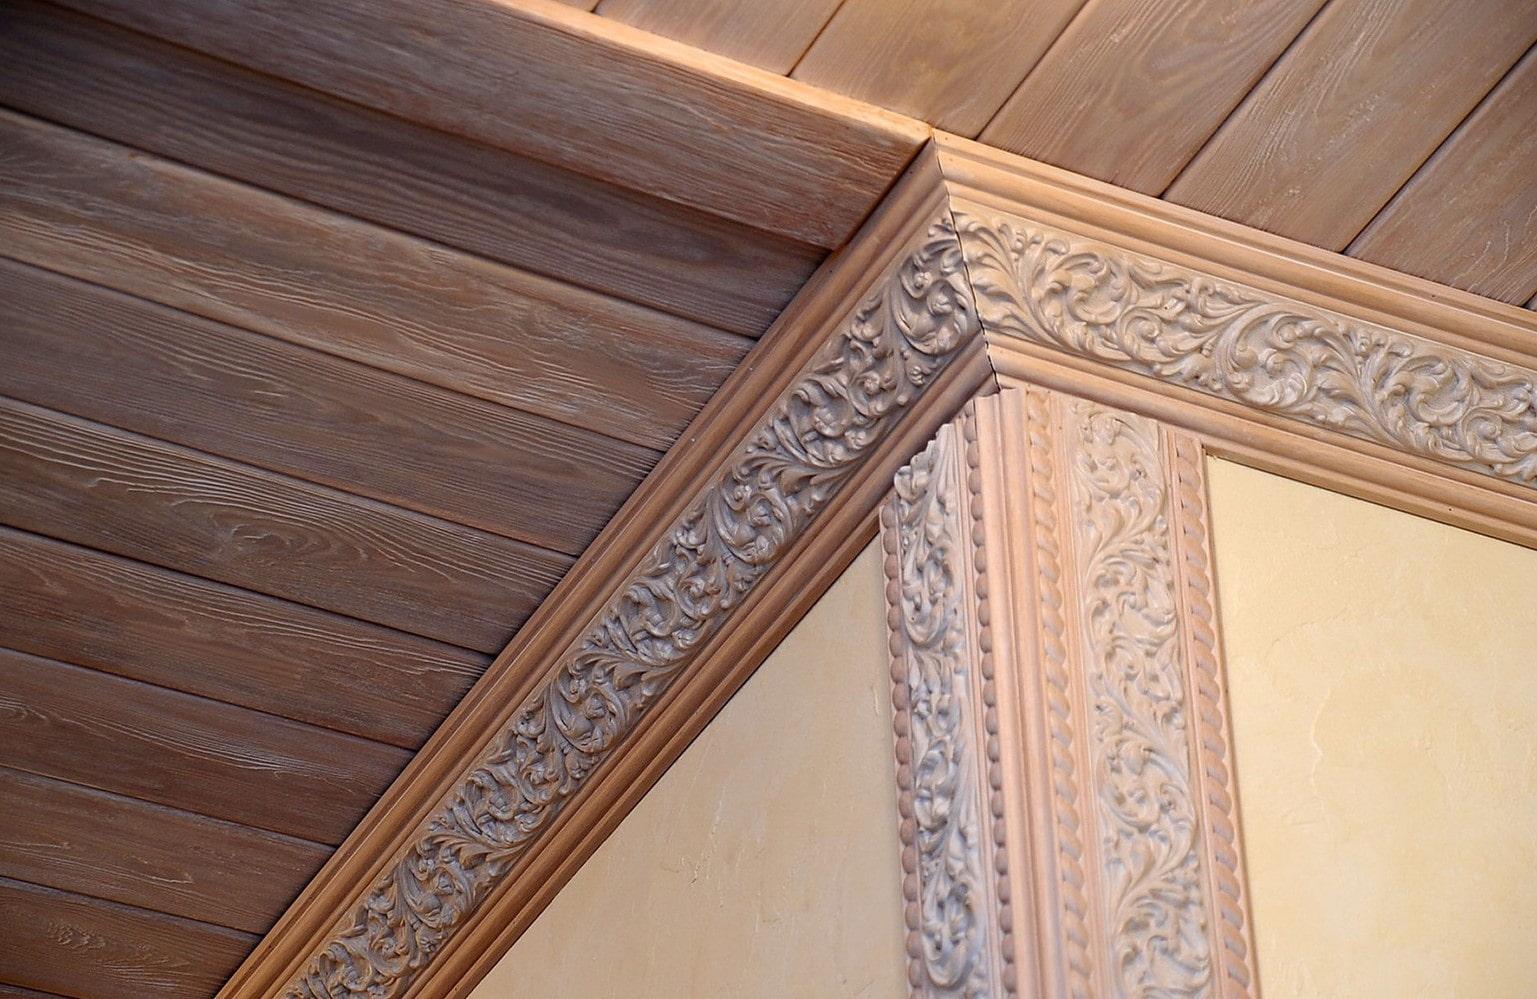 это деревянные плинтуса на потолке фото зависимости размеров